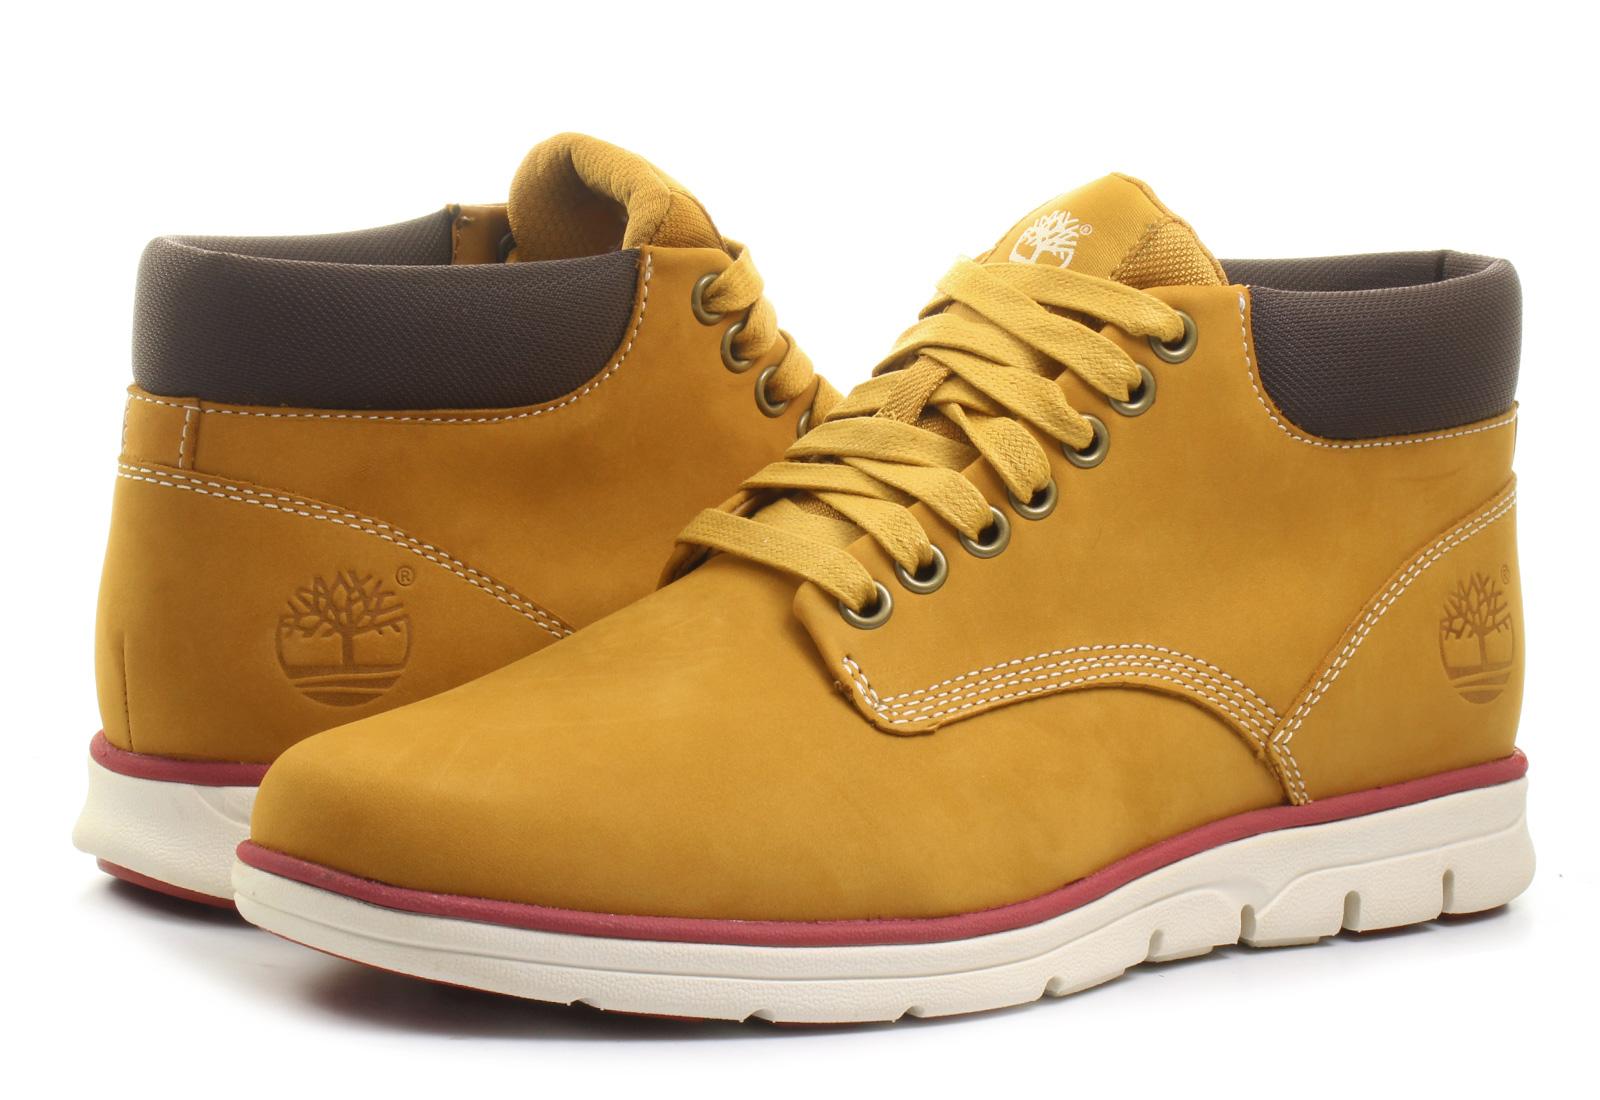 Timberland Boots Bradstreet Chukka A125w Whe Online